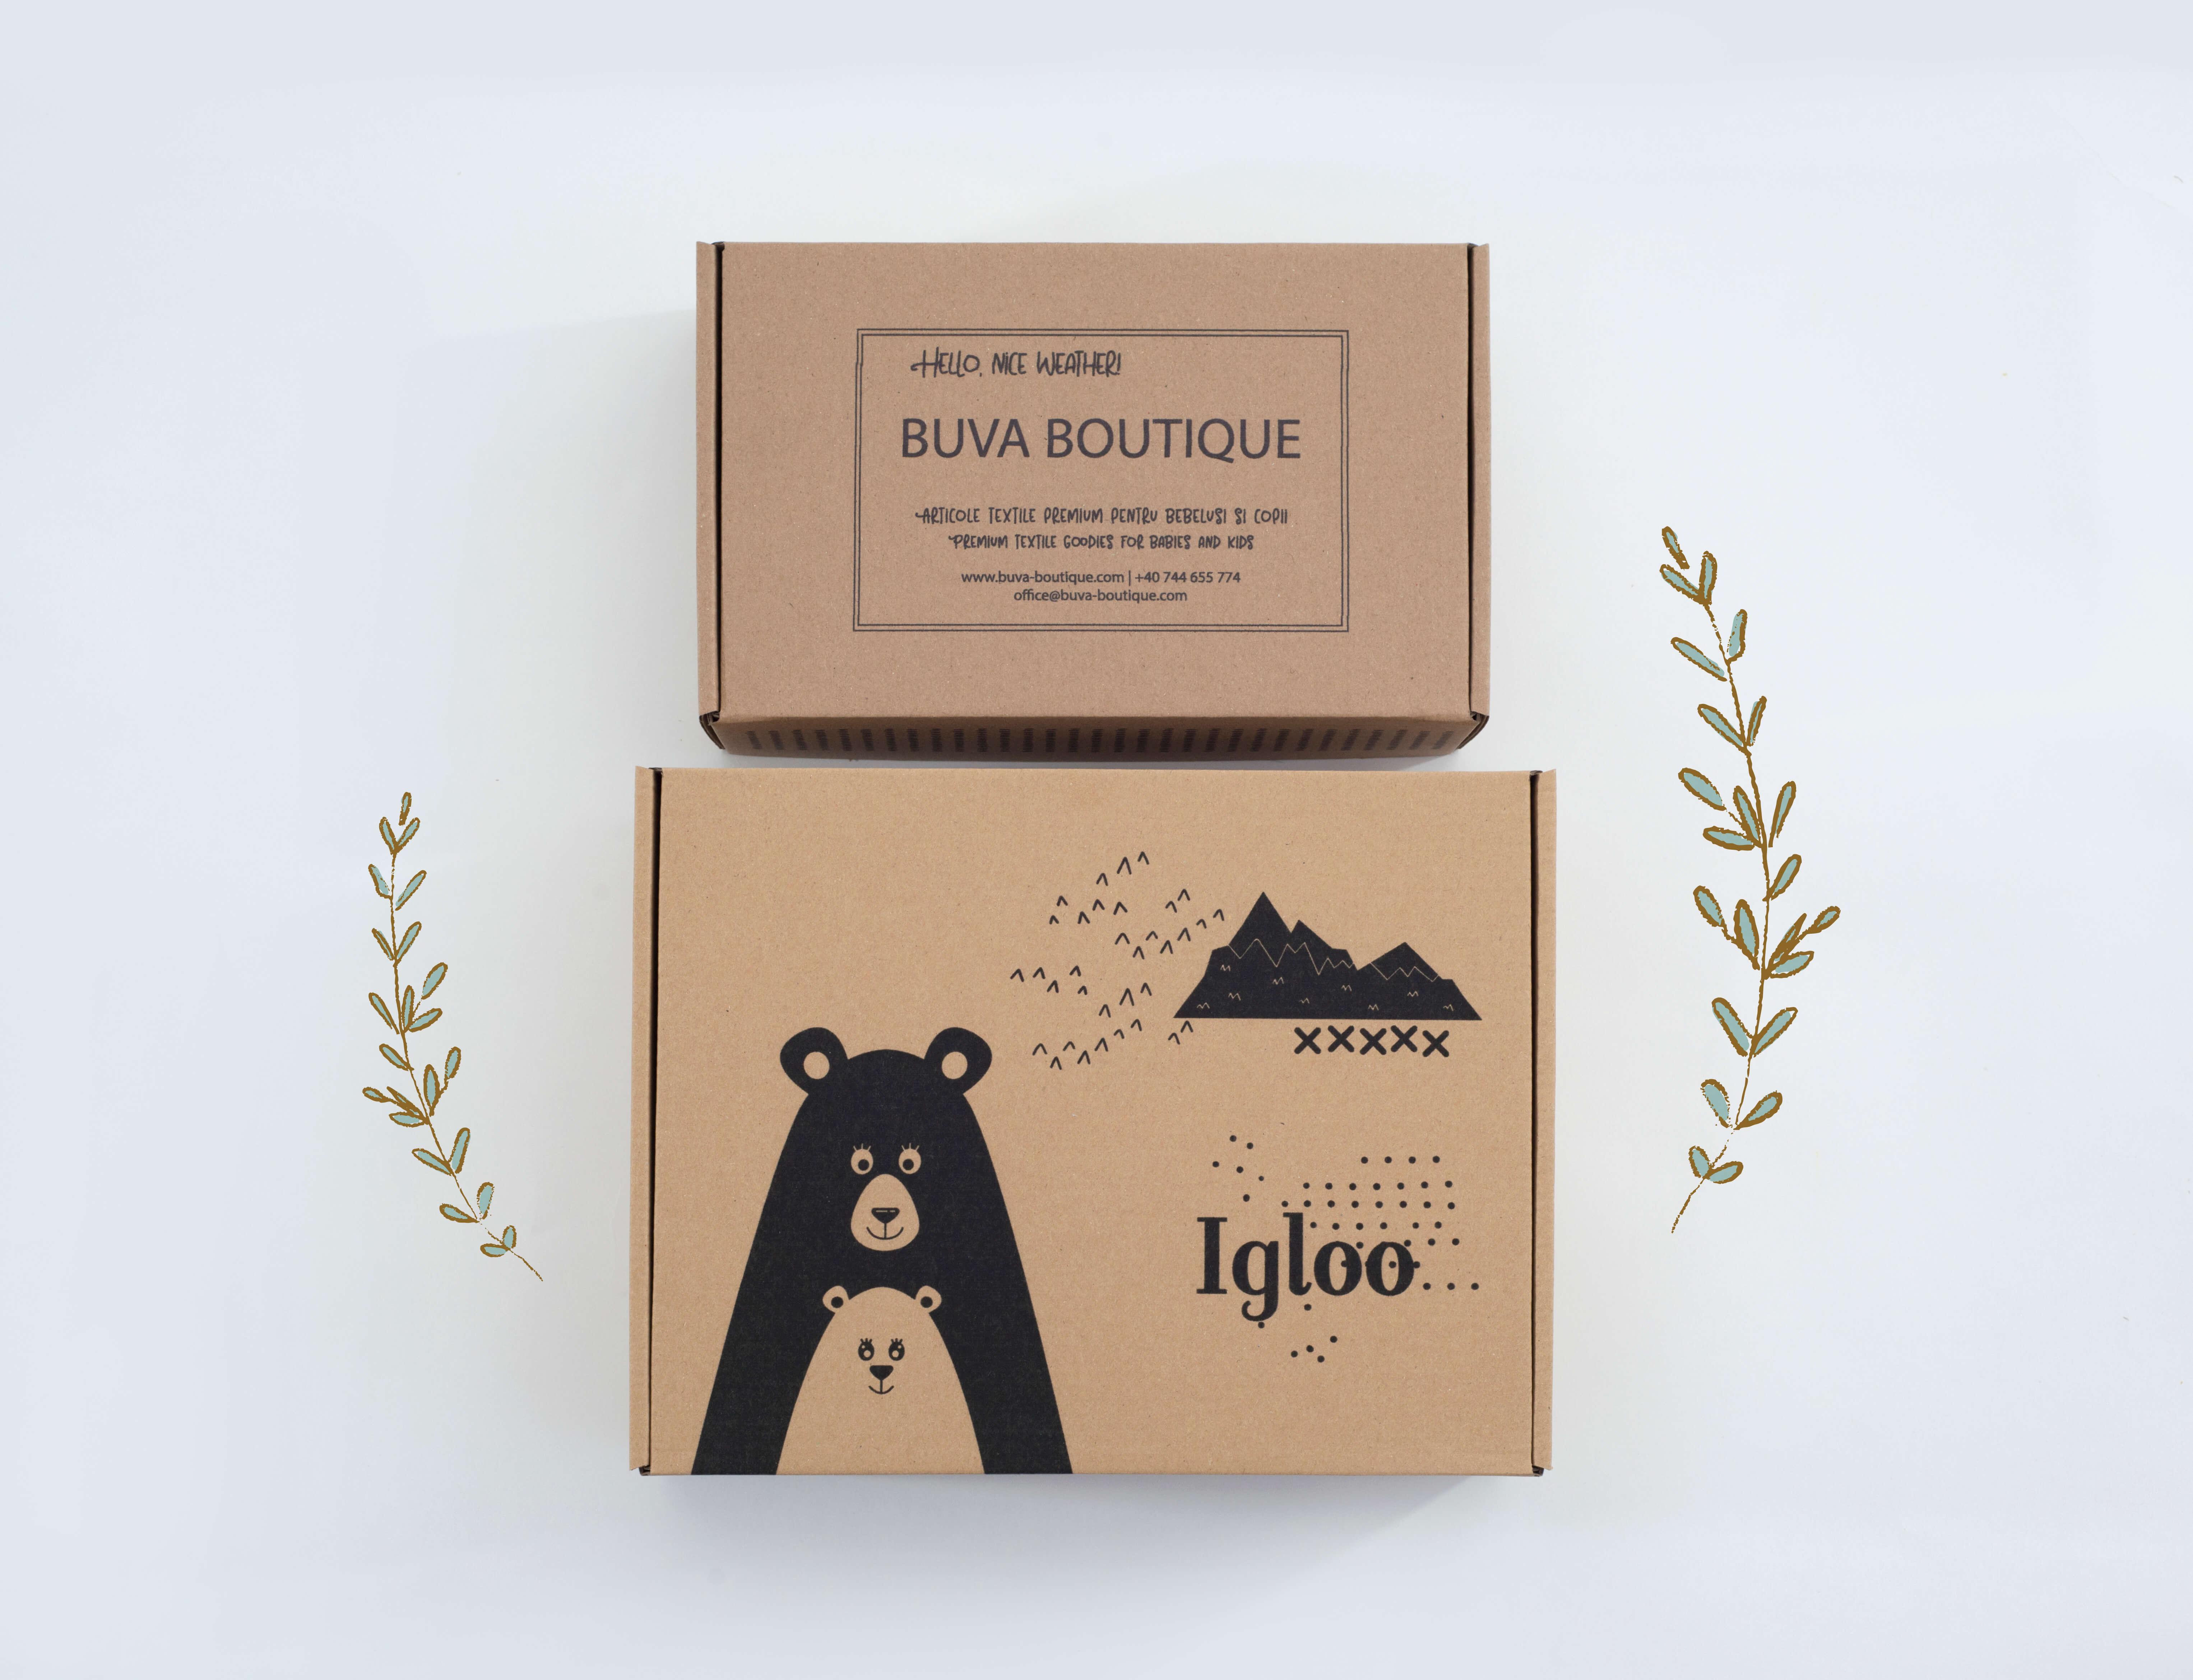 cajas de cartón de Buva Boutique